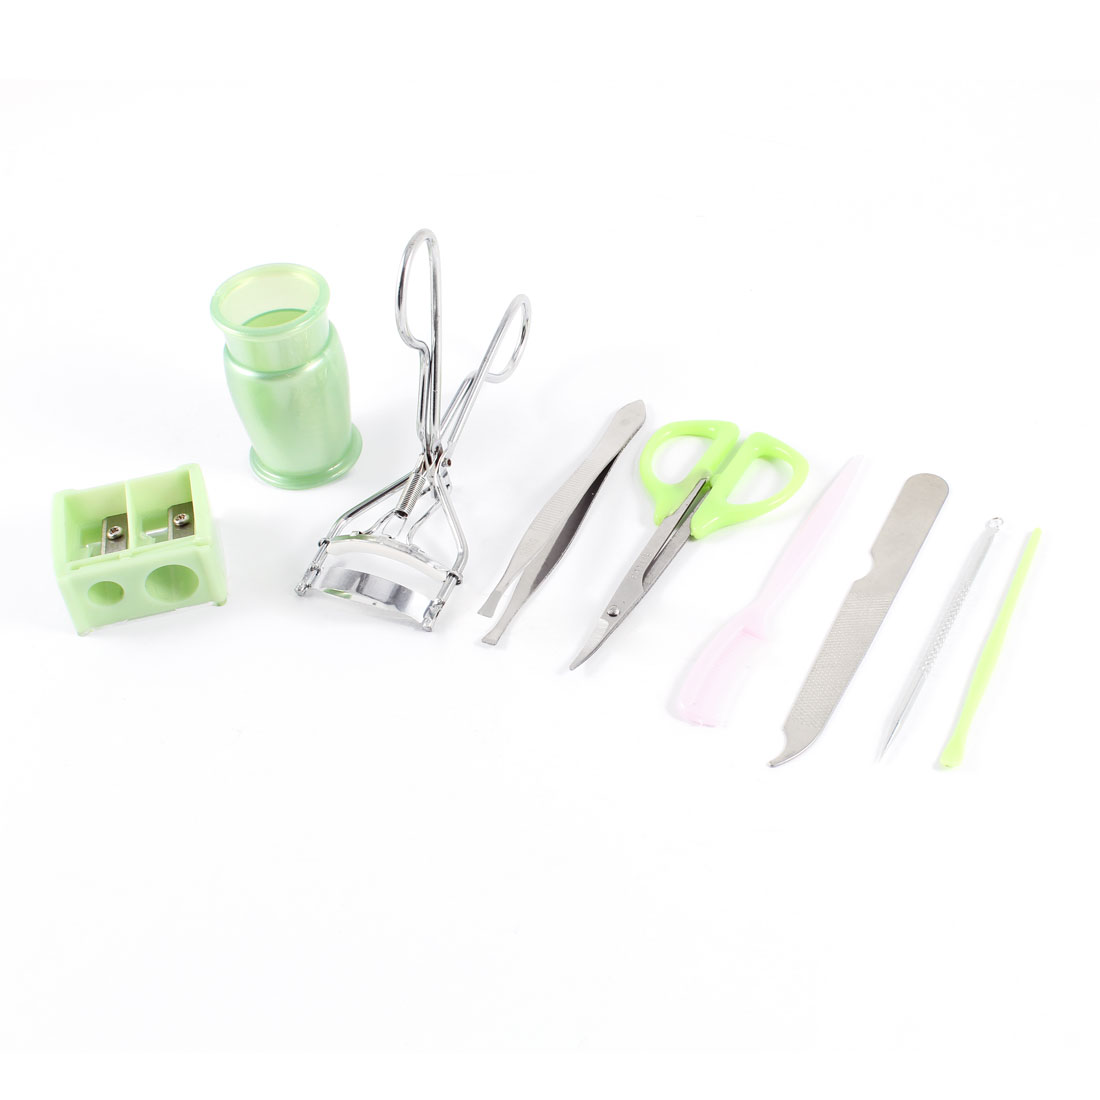 Cosmetic Tool 9 in 1 Green Handle Eyebrow Scissors Pencil Sharpener Earpick Set